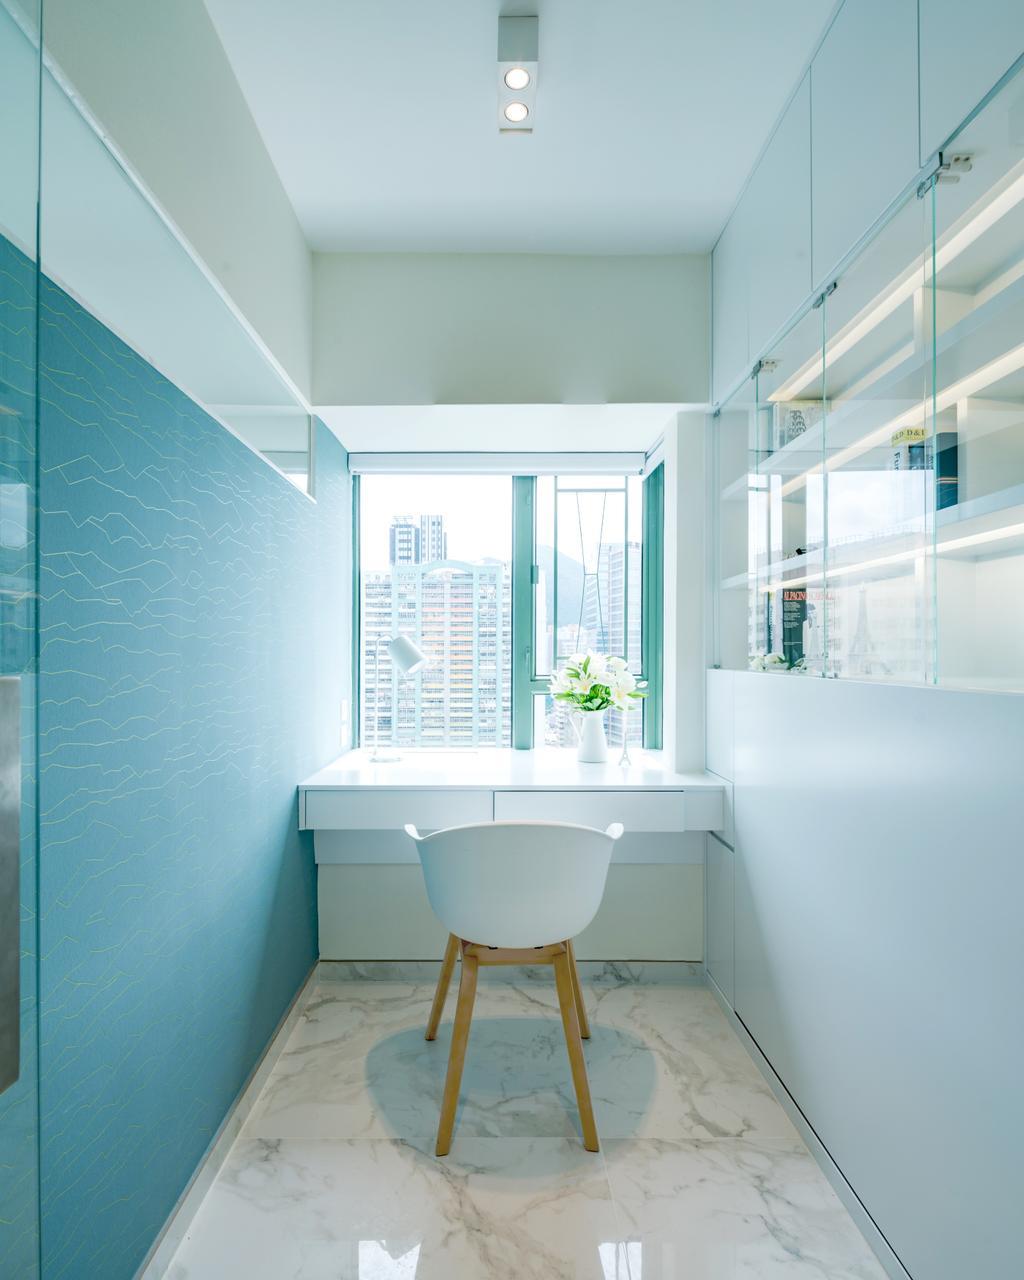 摩登, 私家樓, 書房, 藍灣半島, 室內設計師, Pixel Interior Design, Workspace, 浴室, Indoors, Interior Design, Room, Light Fixture